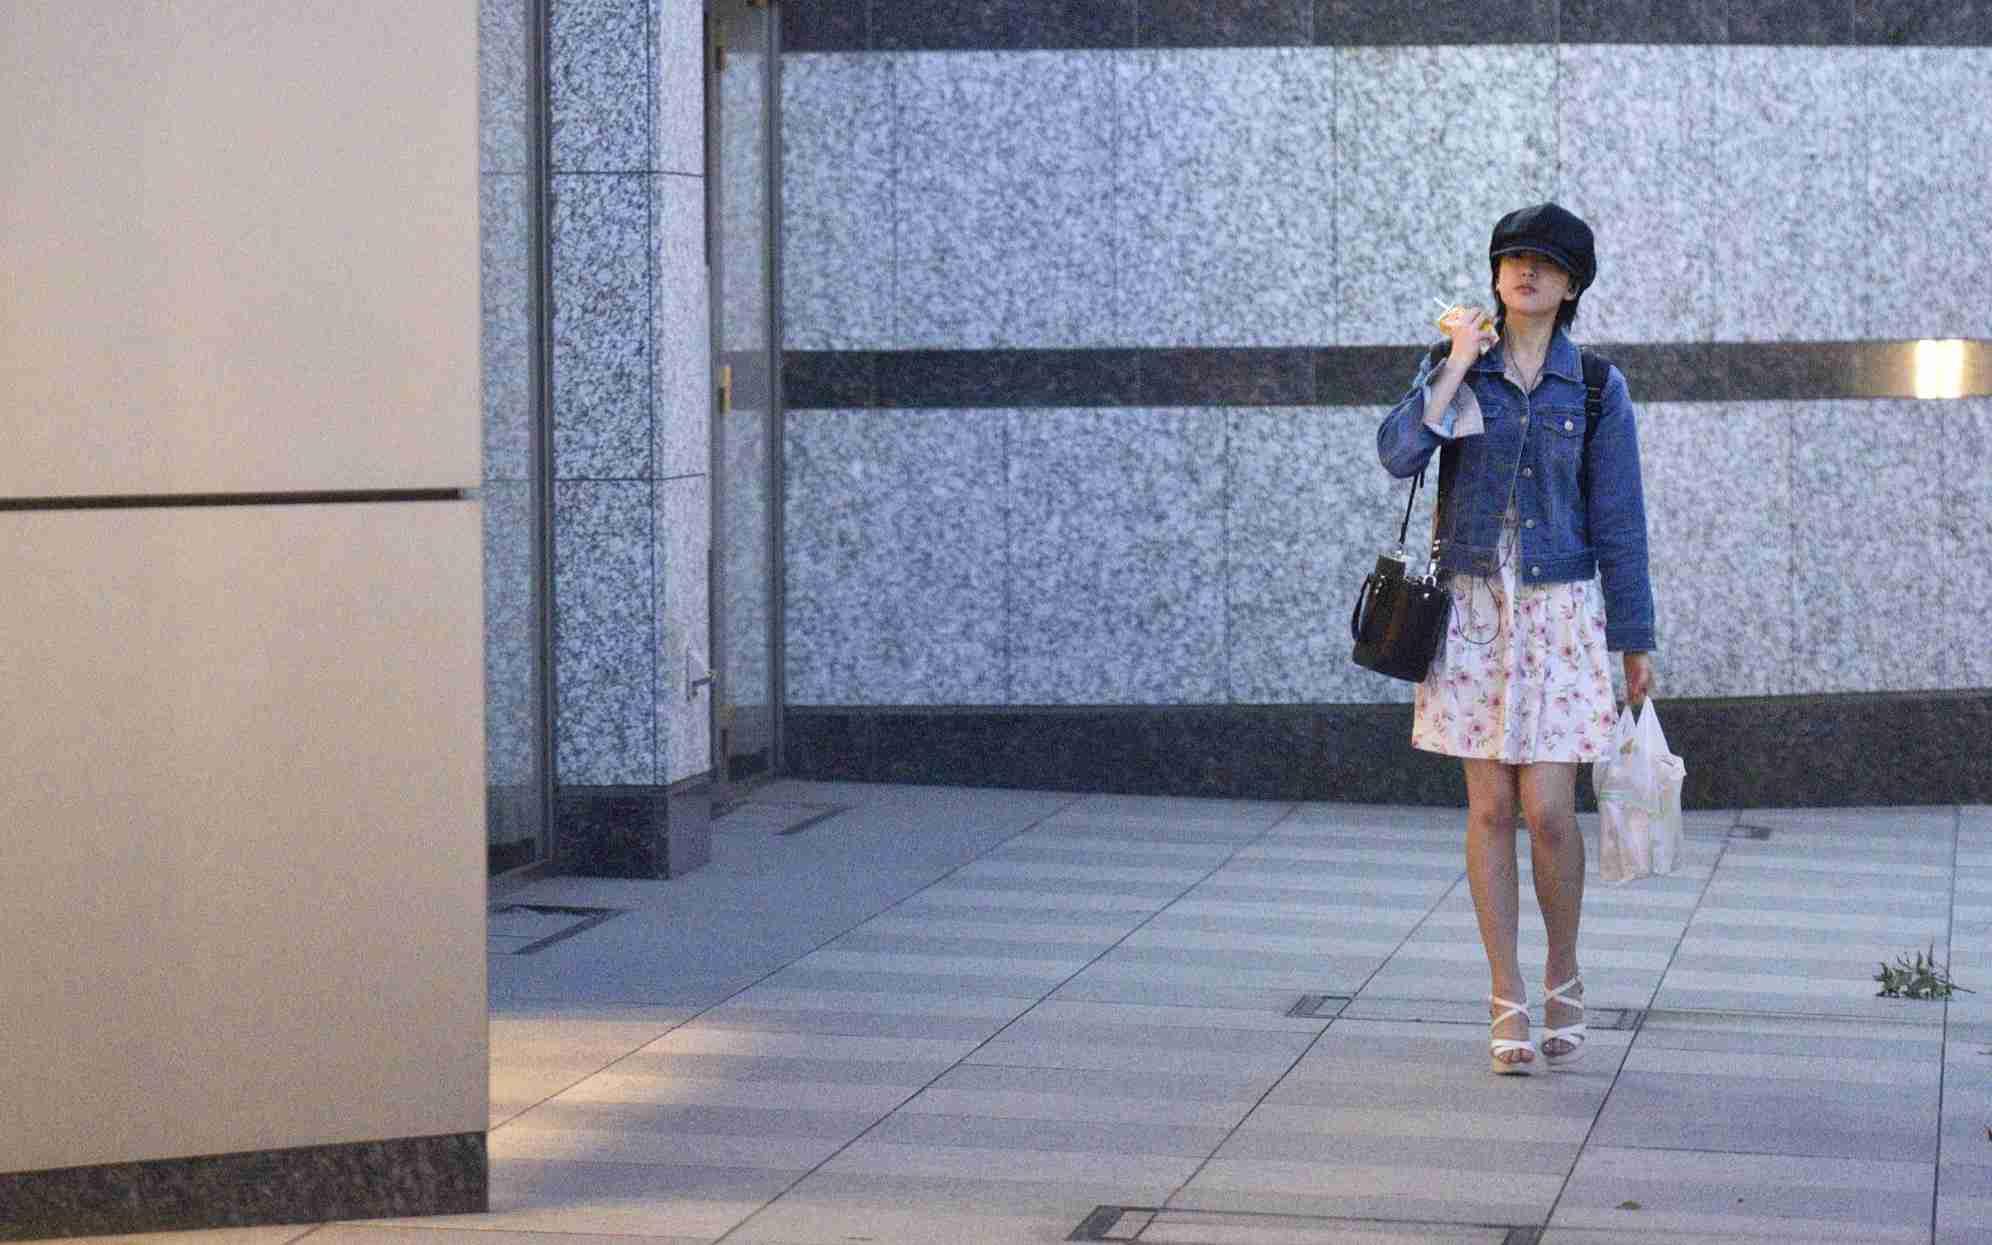 結婚発表のNMB須藤凜々花「週刊文春デジタル」が熱愛デートを取材していた! | 文春オンライン